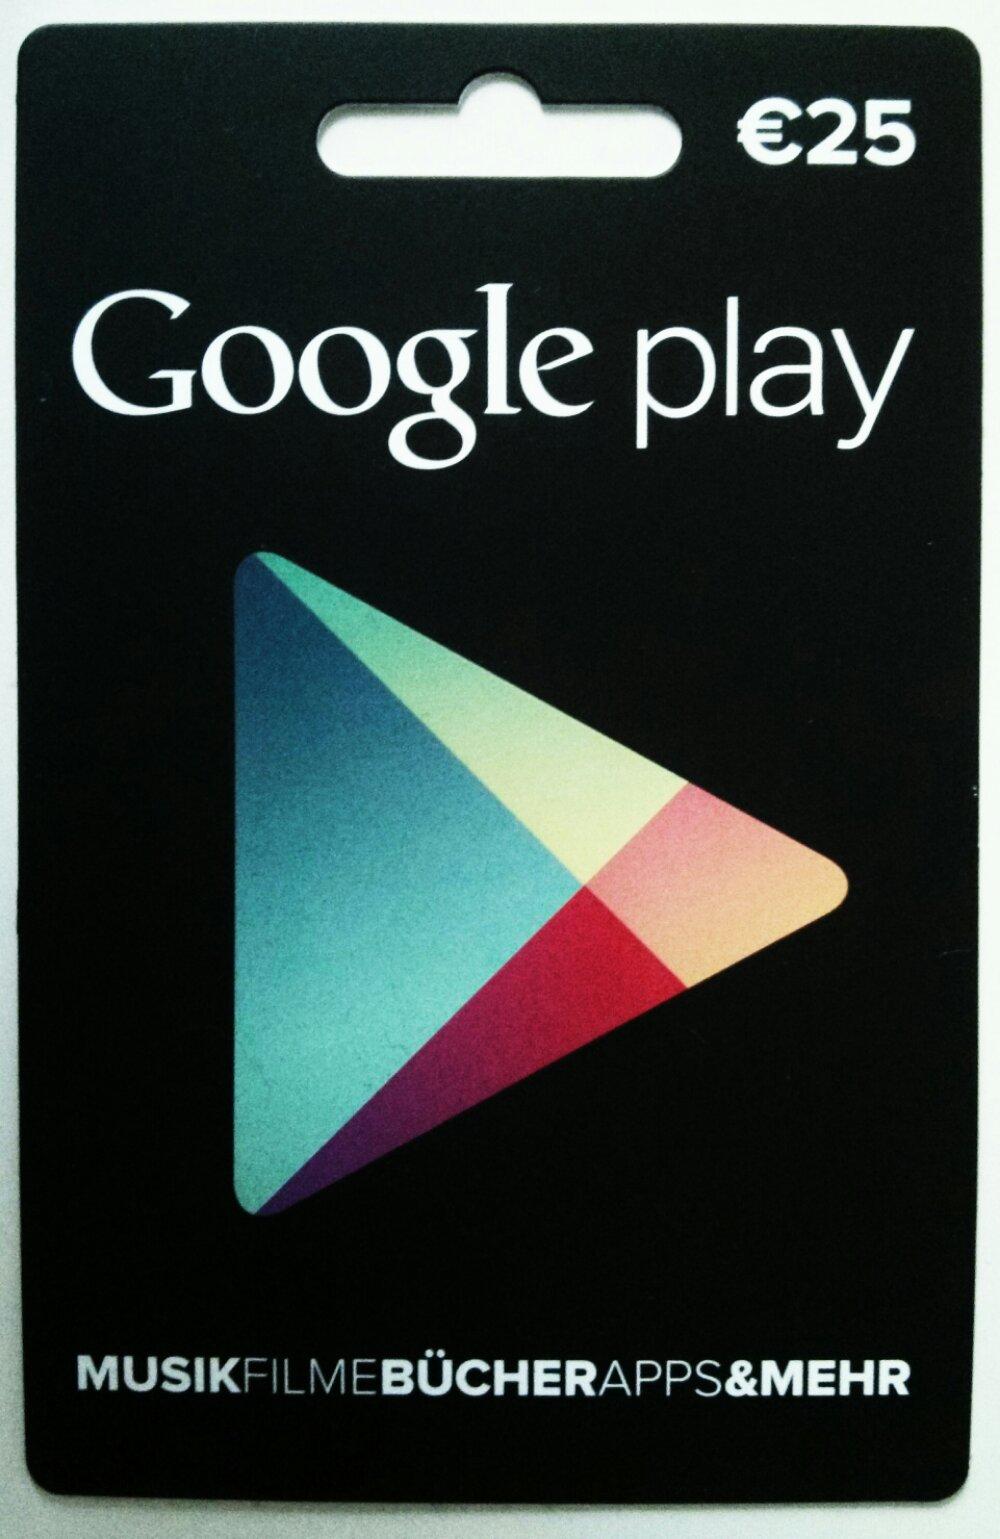 Google play Geschenkgutscheine